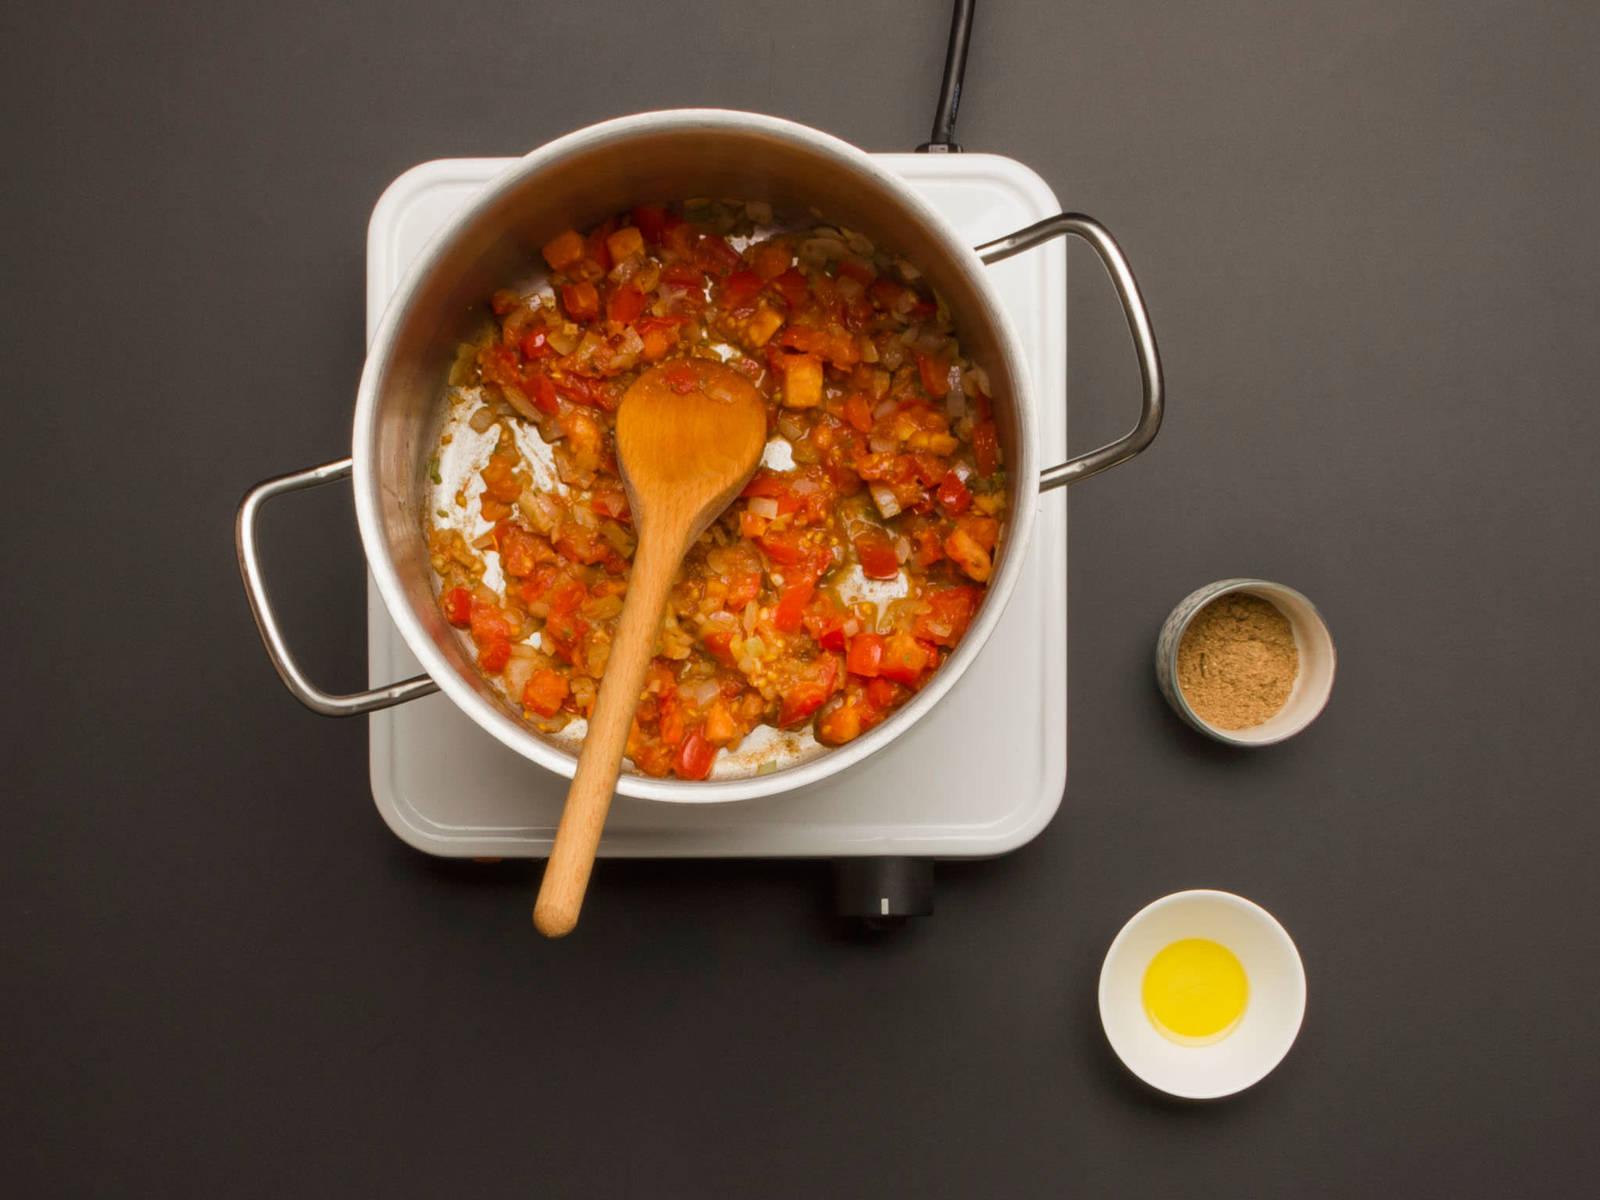 In einem großen Topf Zwiebel, restlichen Knoblauch, gehackte Chili und Korianderstiele in etwas Pflanzenöl bei hoher Temperatur ca. 1 Min anschwitzen. Dann Tomatenwürfel und restliches Garam Masala hinzugeben und weitere 3 Min. braten.